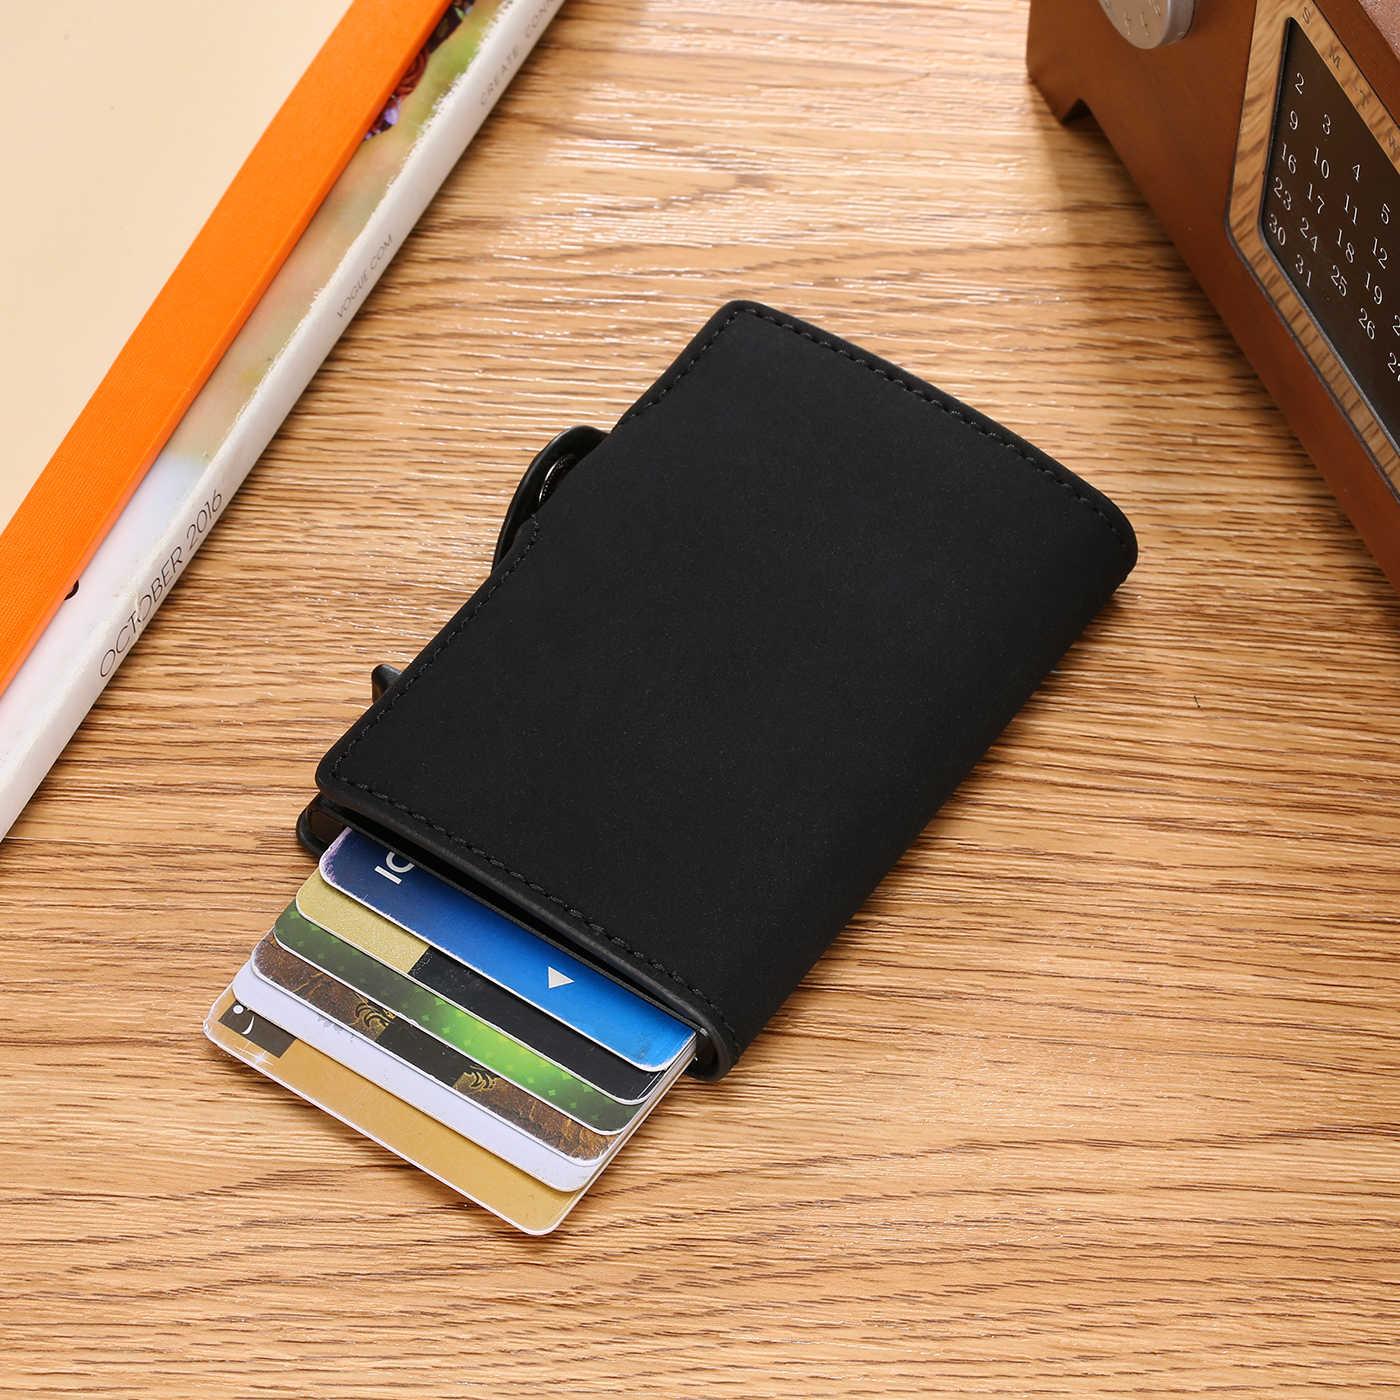 RFID Vintageกระเป๋าสตางค์ผู้ชายอัตโนมัติอลูมิเนียมกรณีบัตรMiniกระเป๋าสตางค์เหรียญกระเป๋าสตางค์Drop-การจัดส่ง